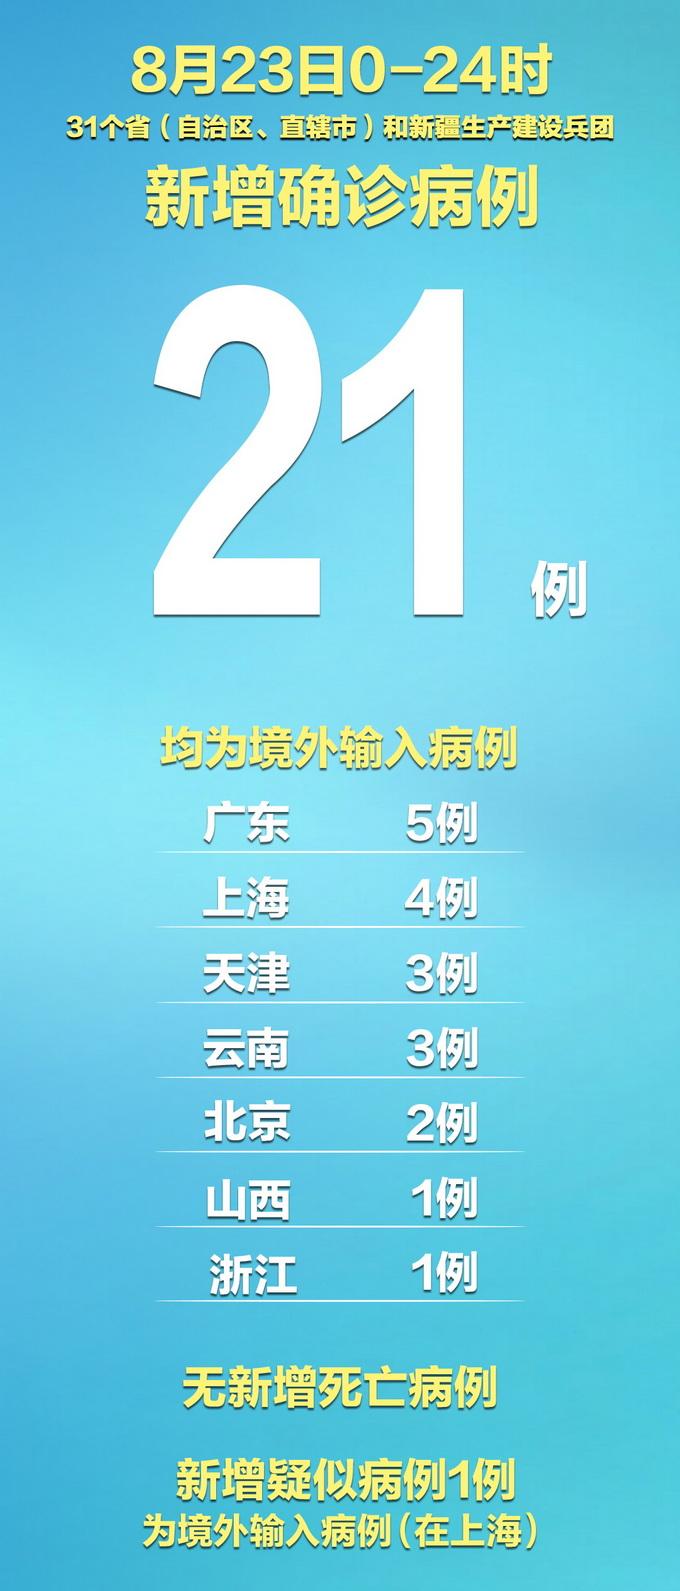 国内疫情最新动态 31省区市无新增本土确诊病例 境外输入21例